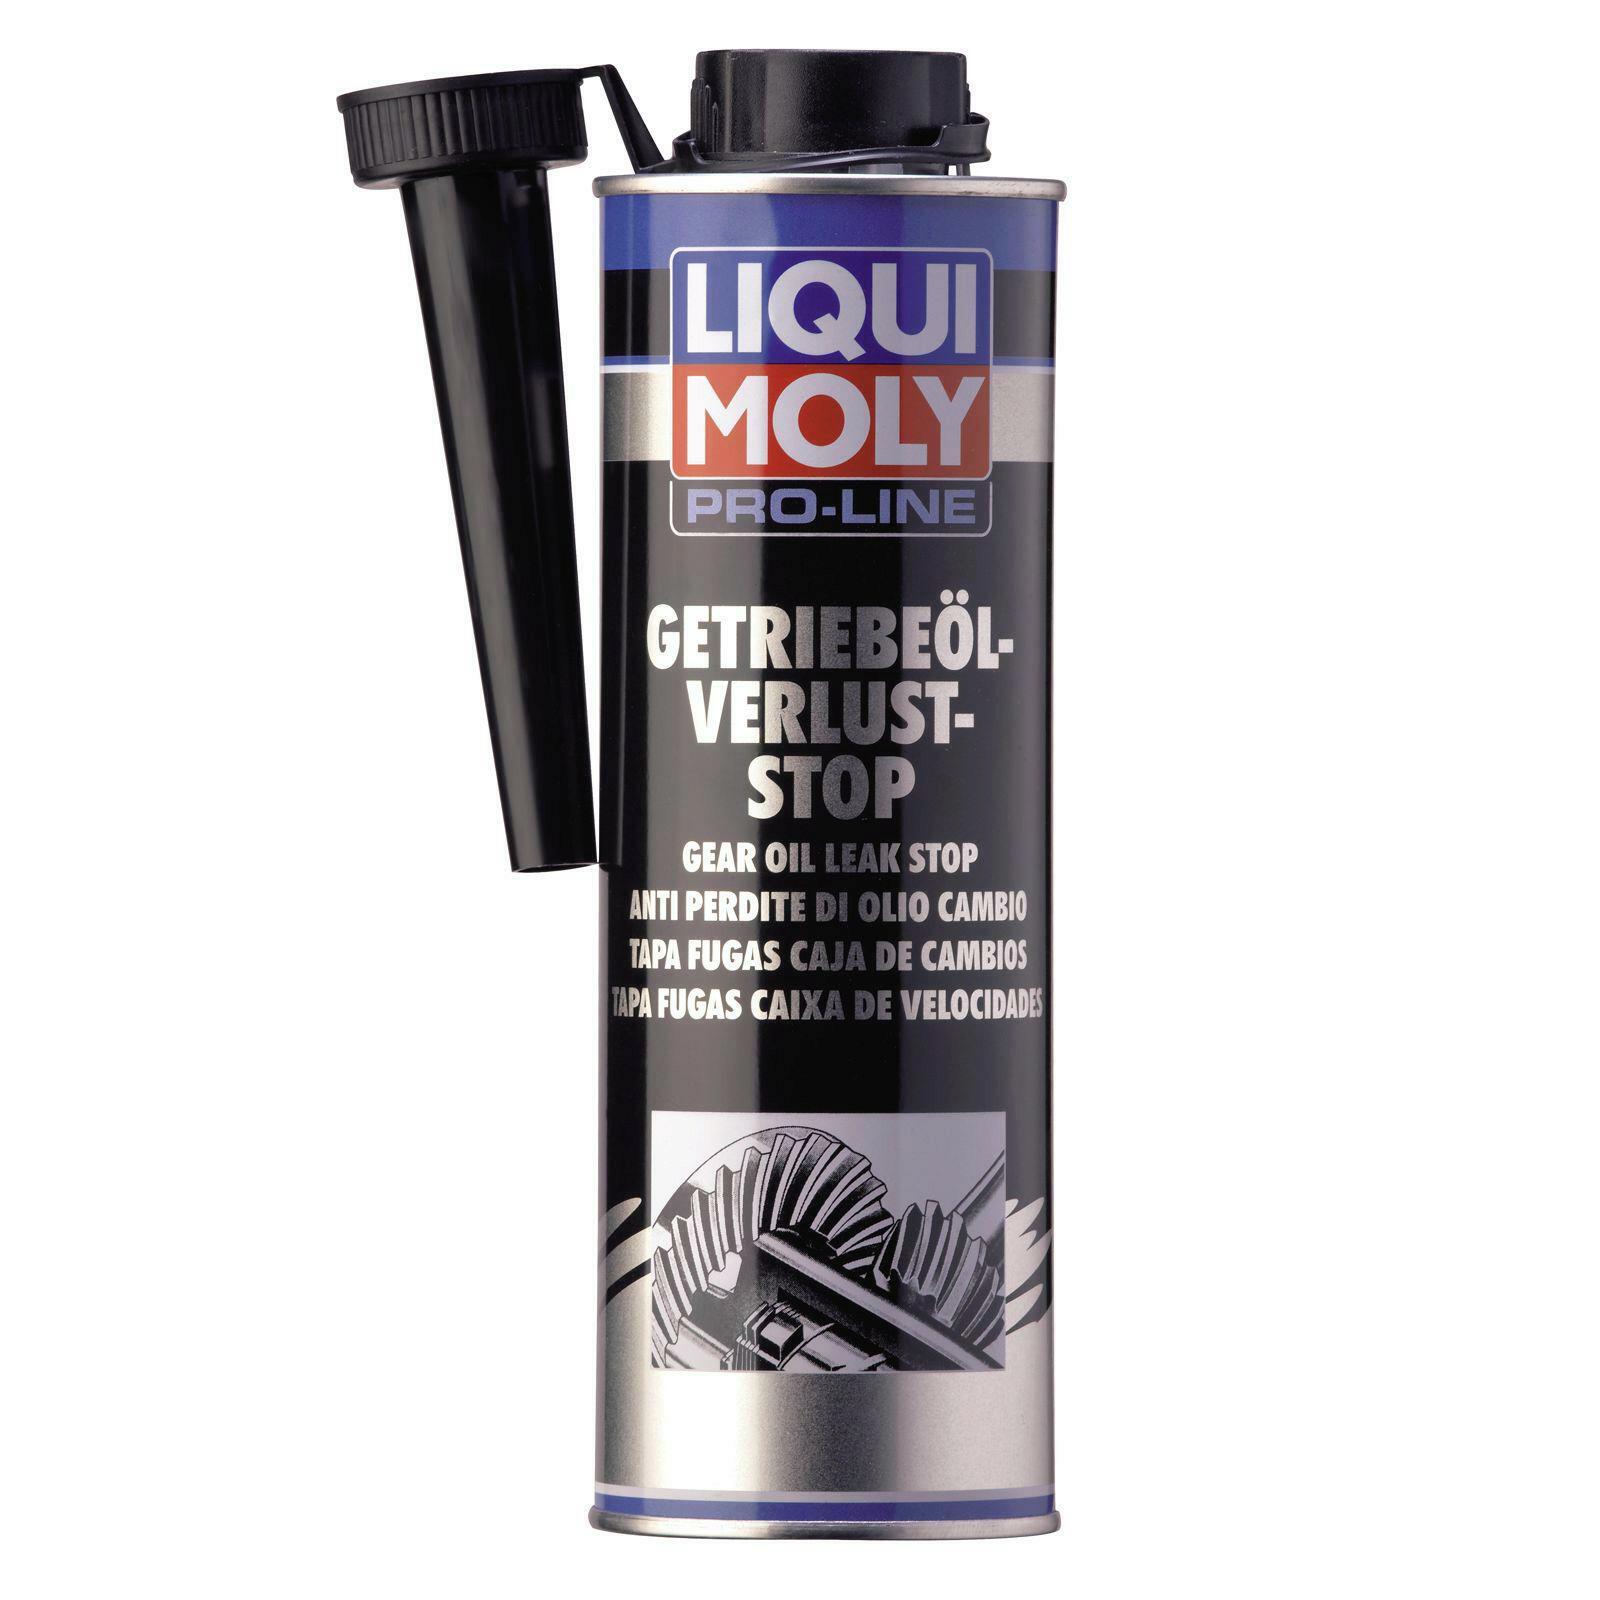 Liqui Moly Pro-Line Getriebeöl-Verlust-Stop 500ml